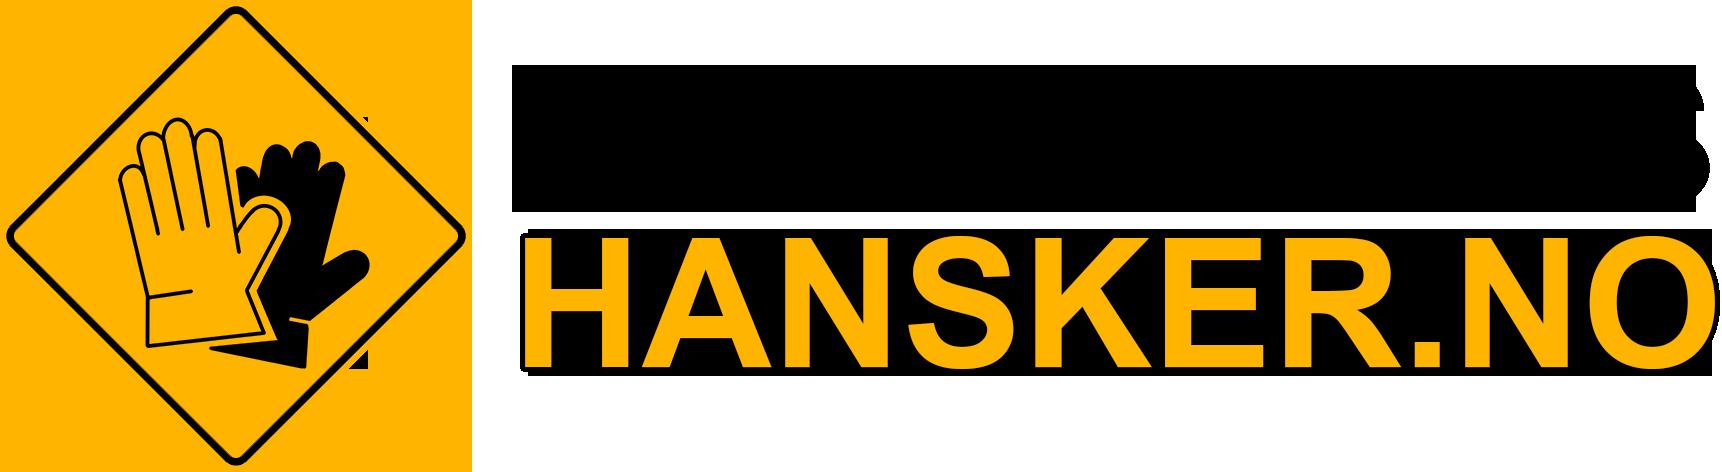 Arbeids-Hansker